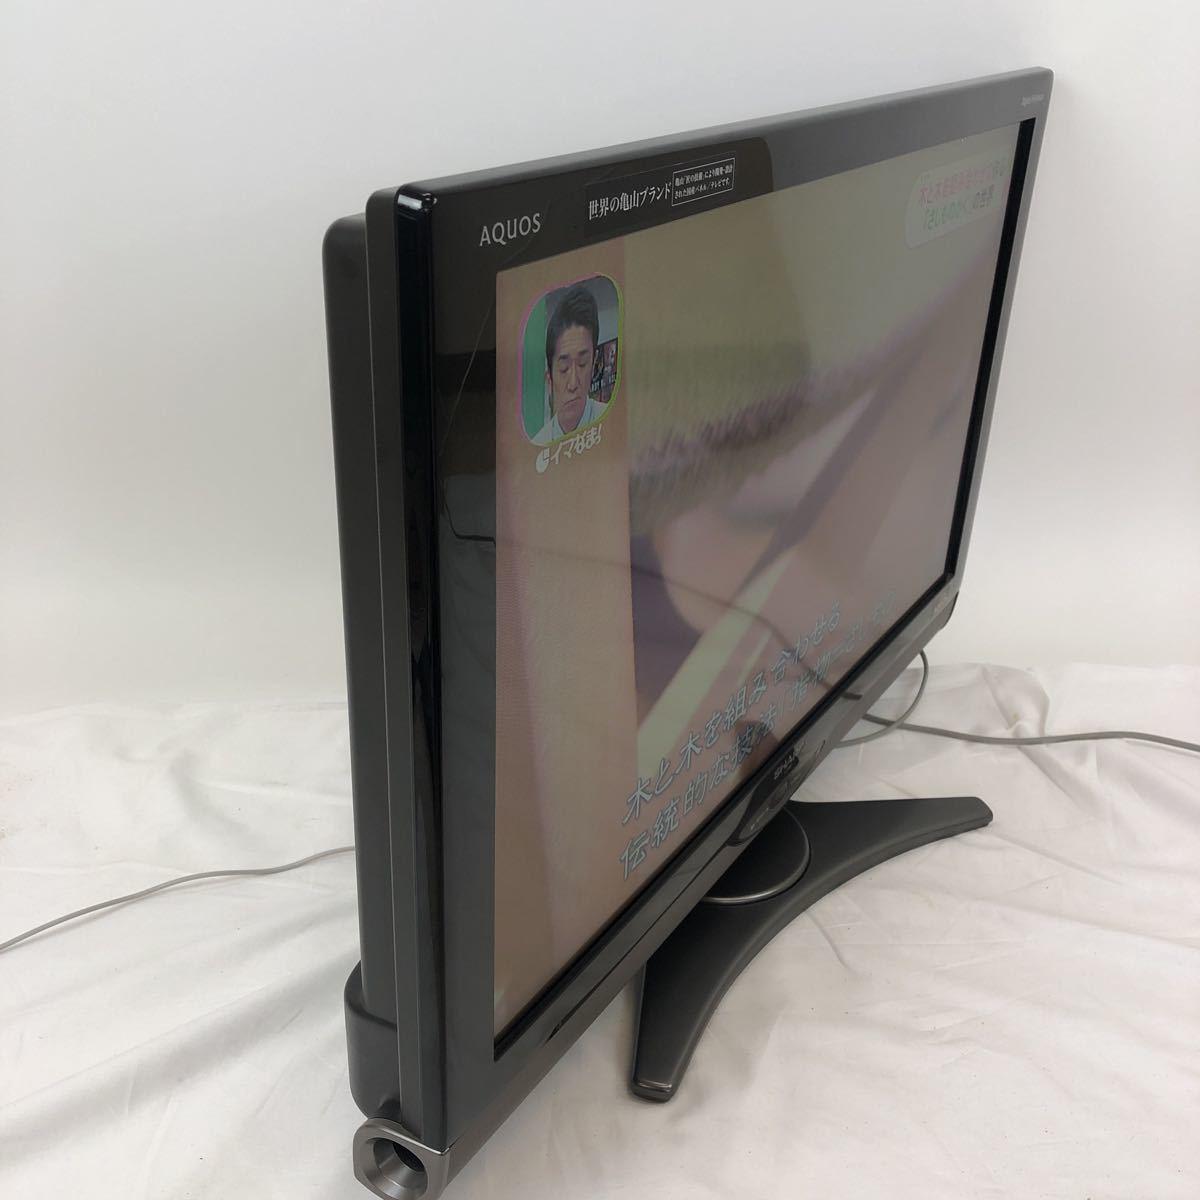 SHARP シャープ 32V型 液晶 テレビ AQUOS LC-32SC1 ハイビジョン_画像2